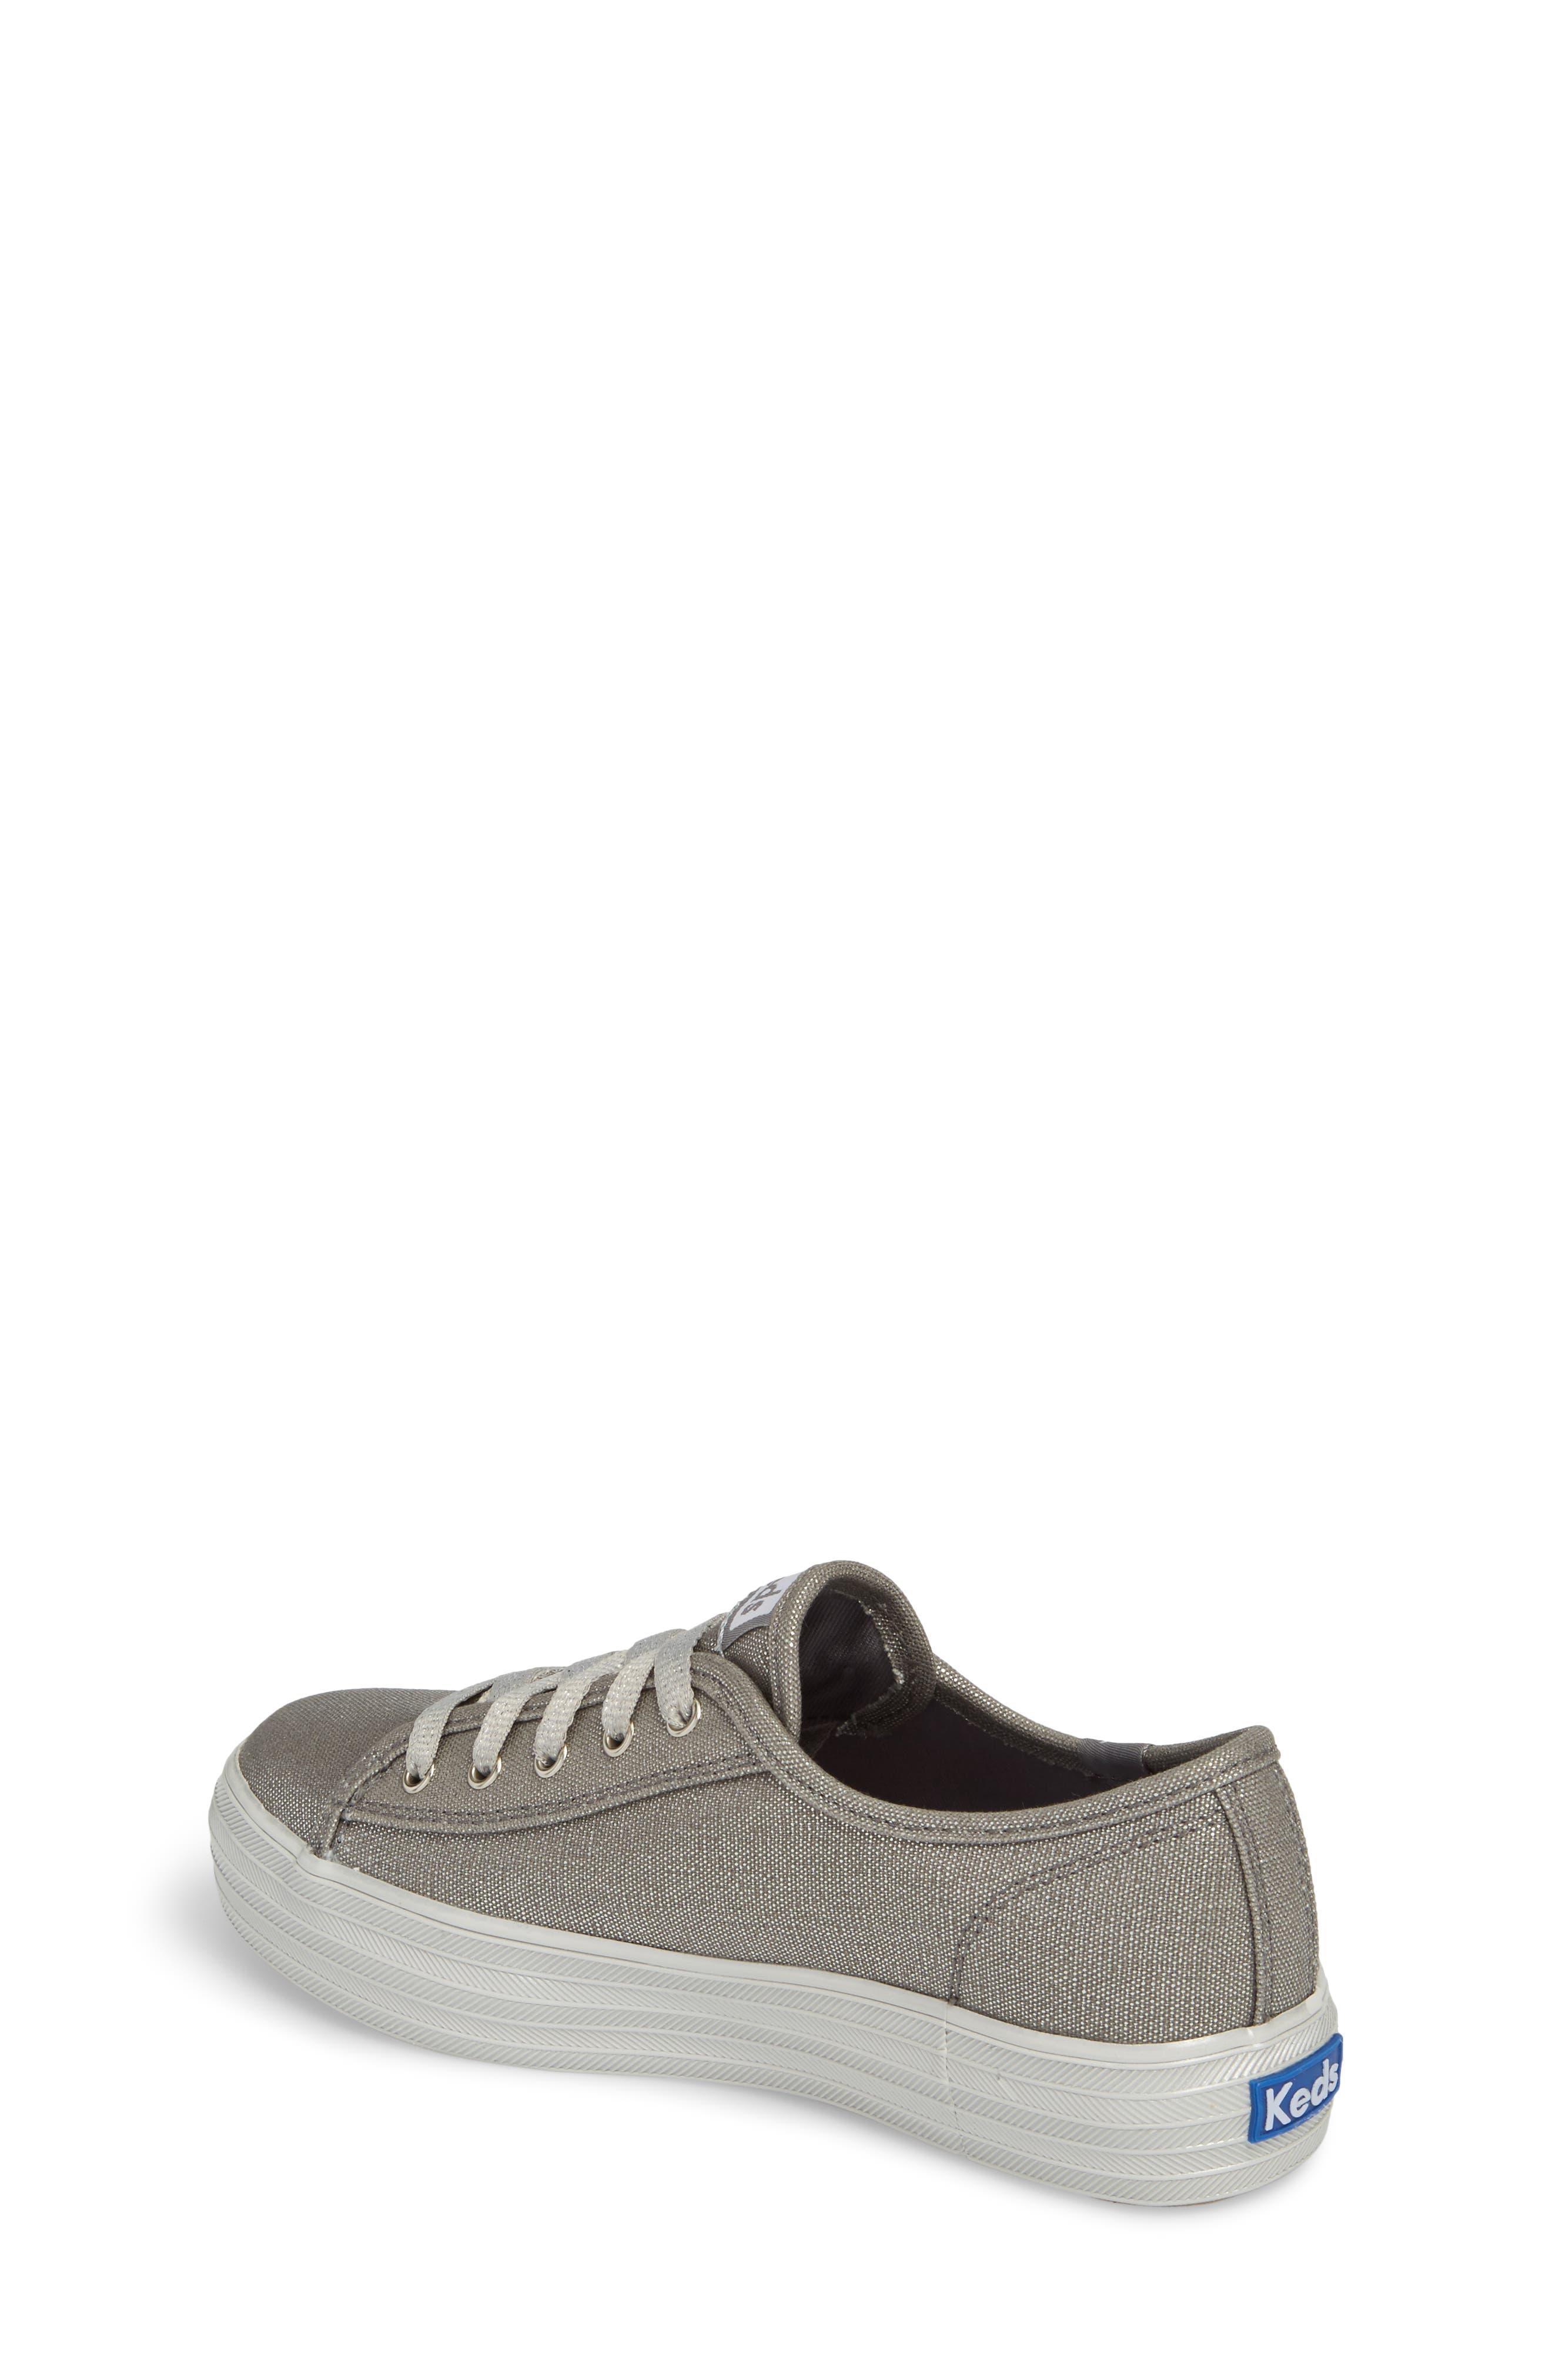 Triple Kick Platform Sneaker,                             Alternate thumbnail 2, color,                             Silver/ Silver